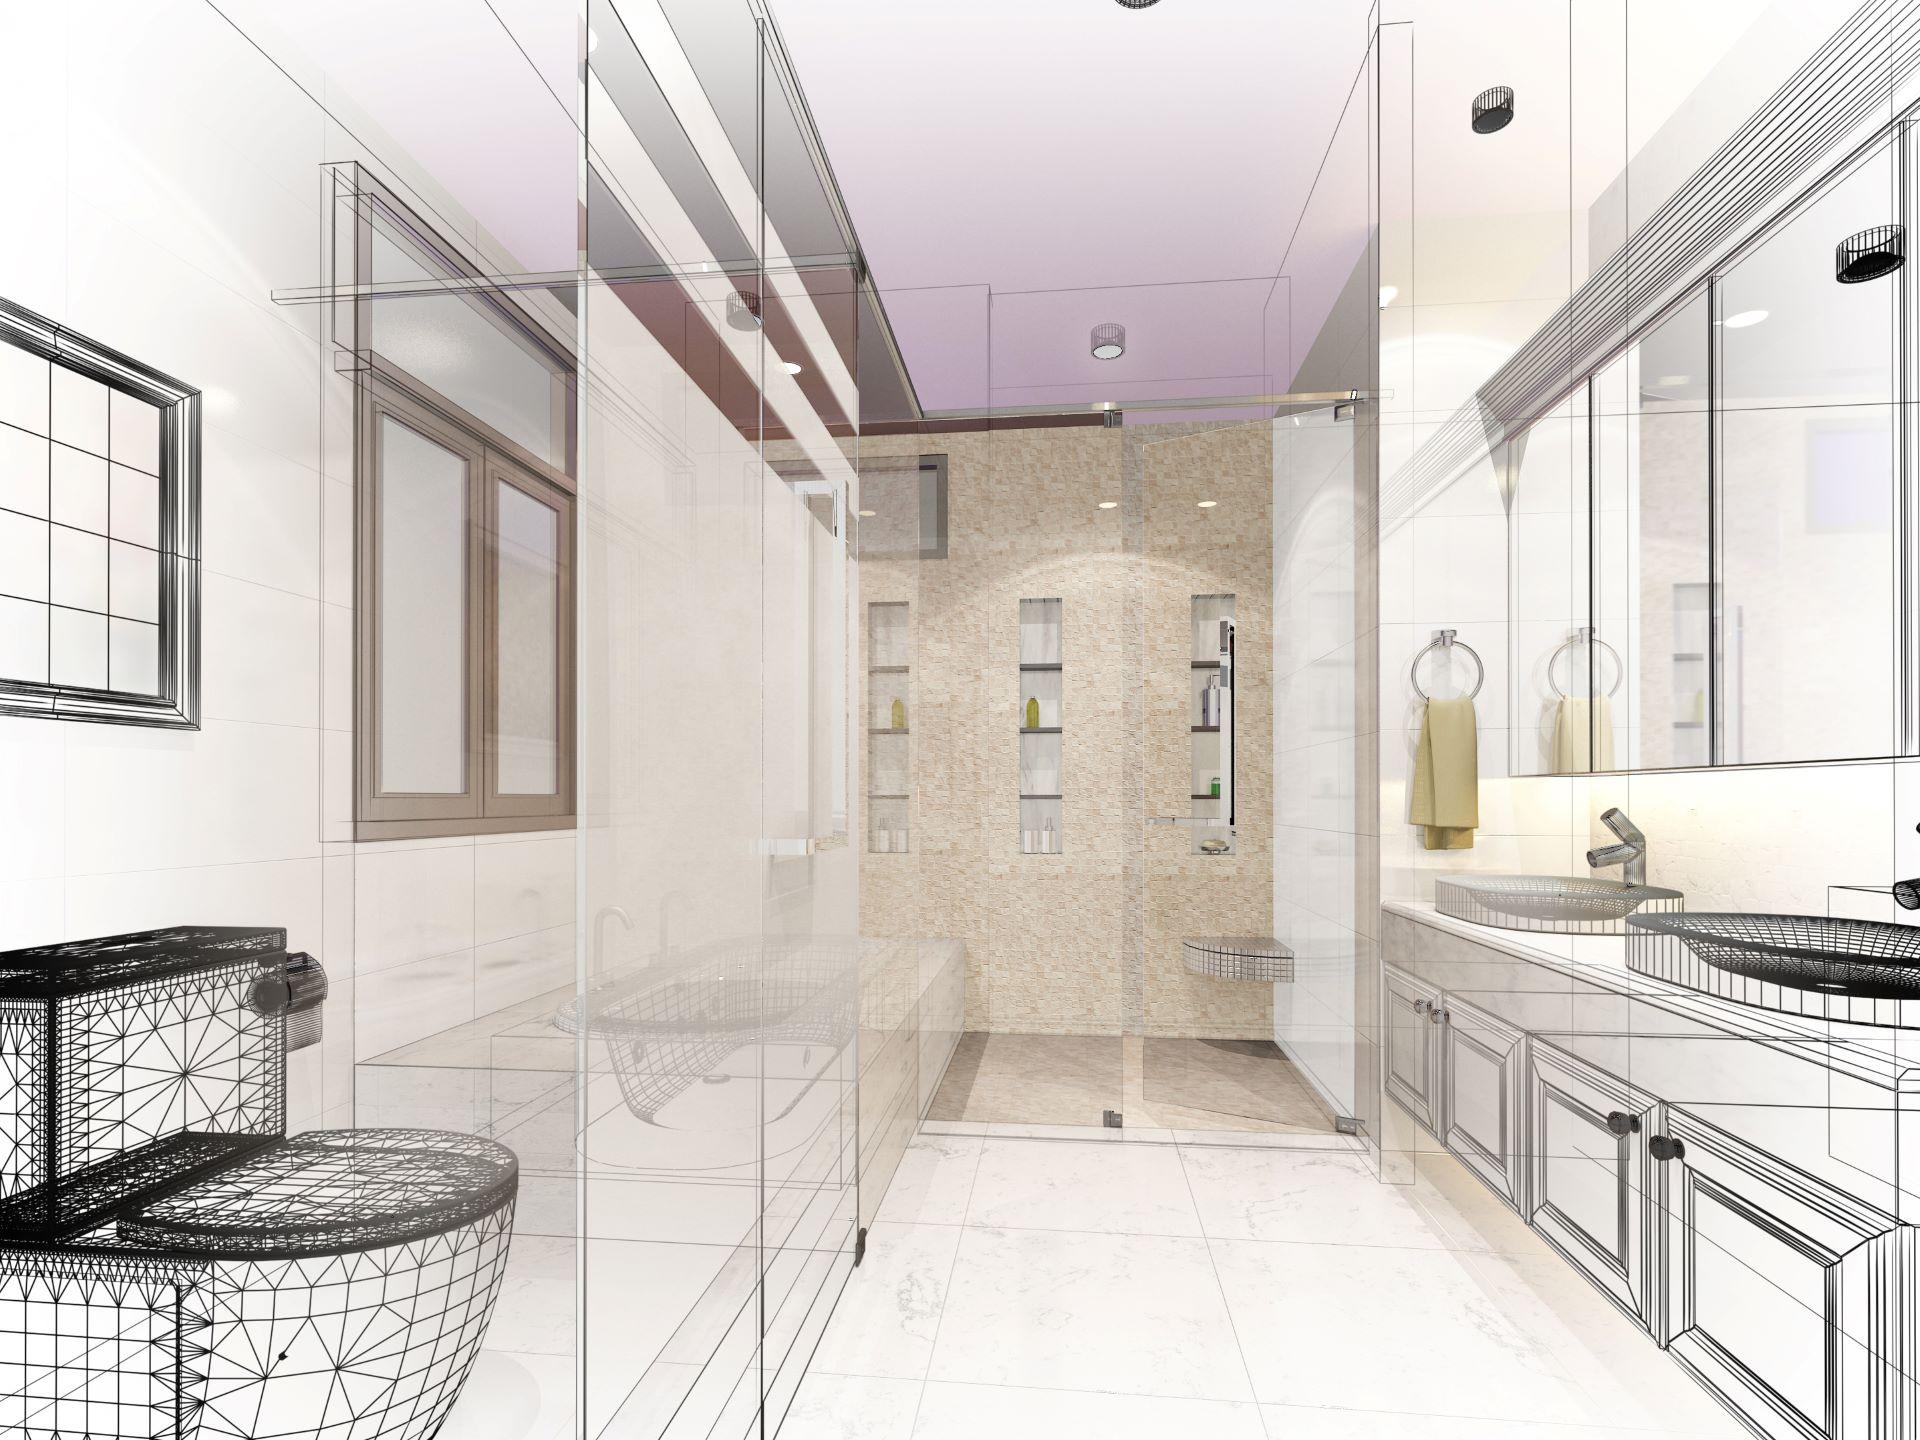 https://von-adelberg.com/wp-content/uploads/2021/02/shower-cabin-1.jpg